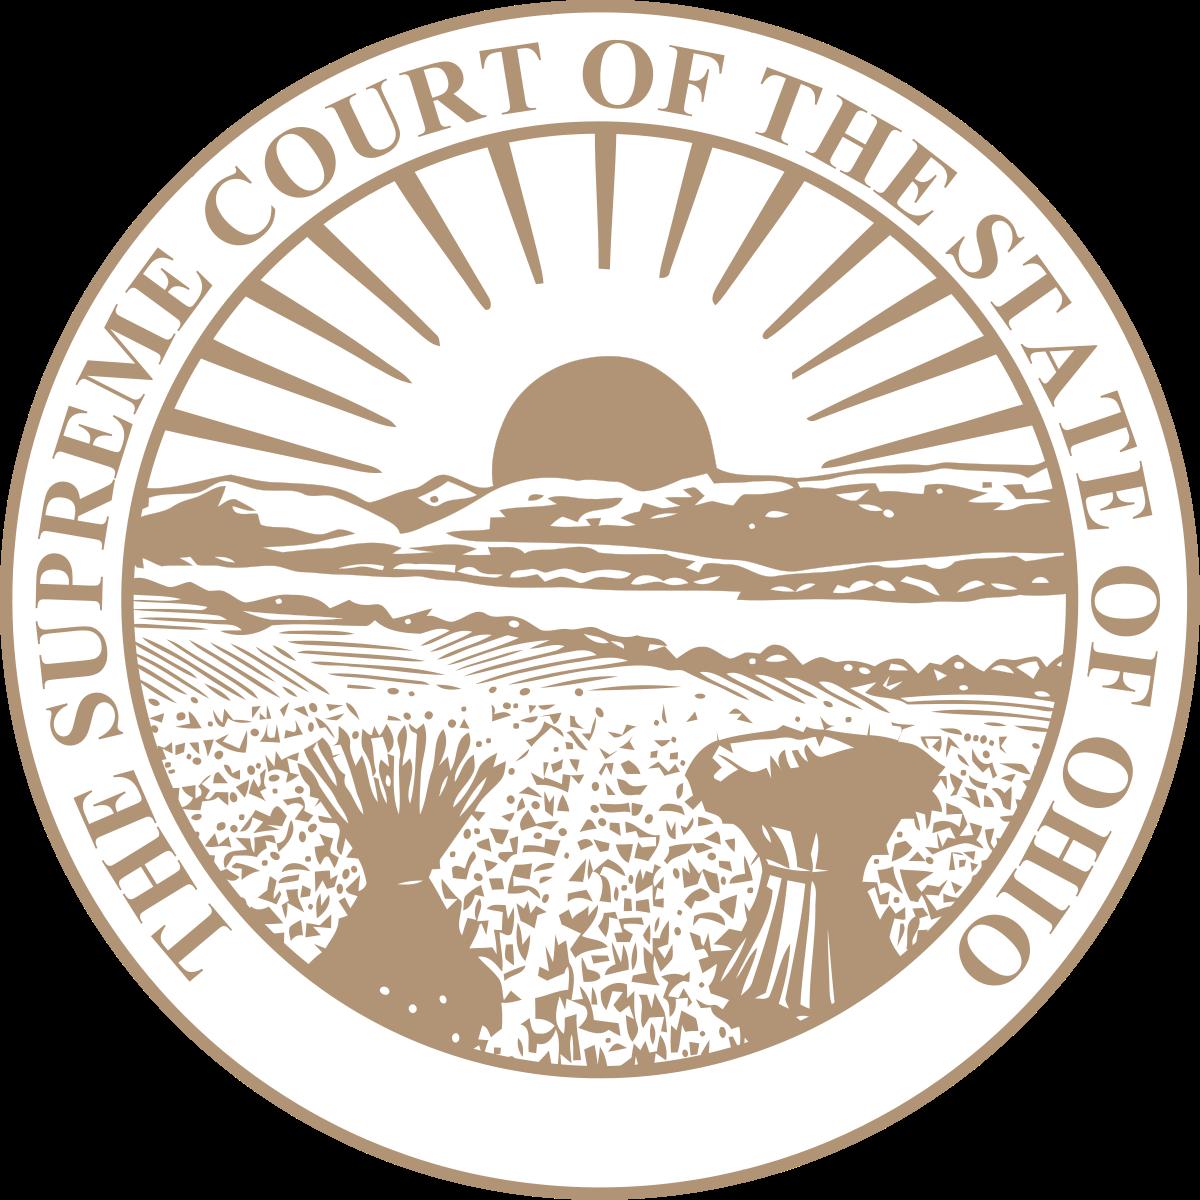 Virtual Walking Tour of Ohio's Court System